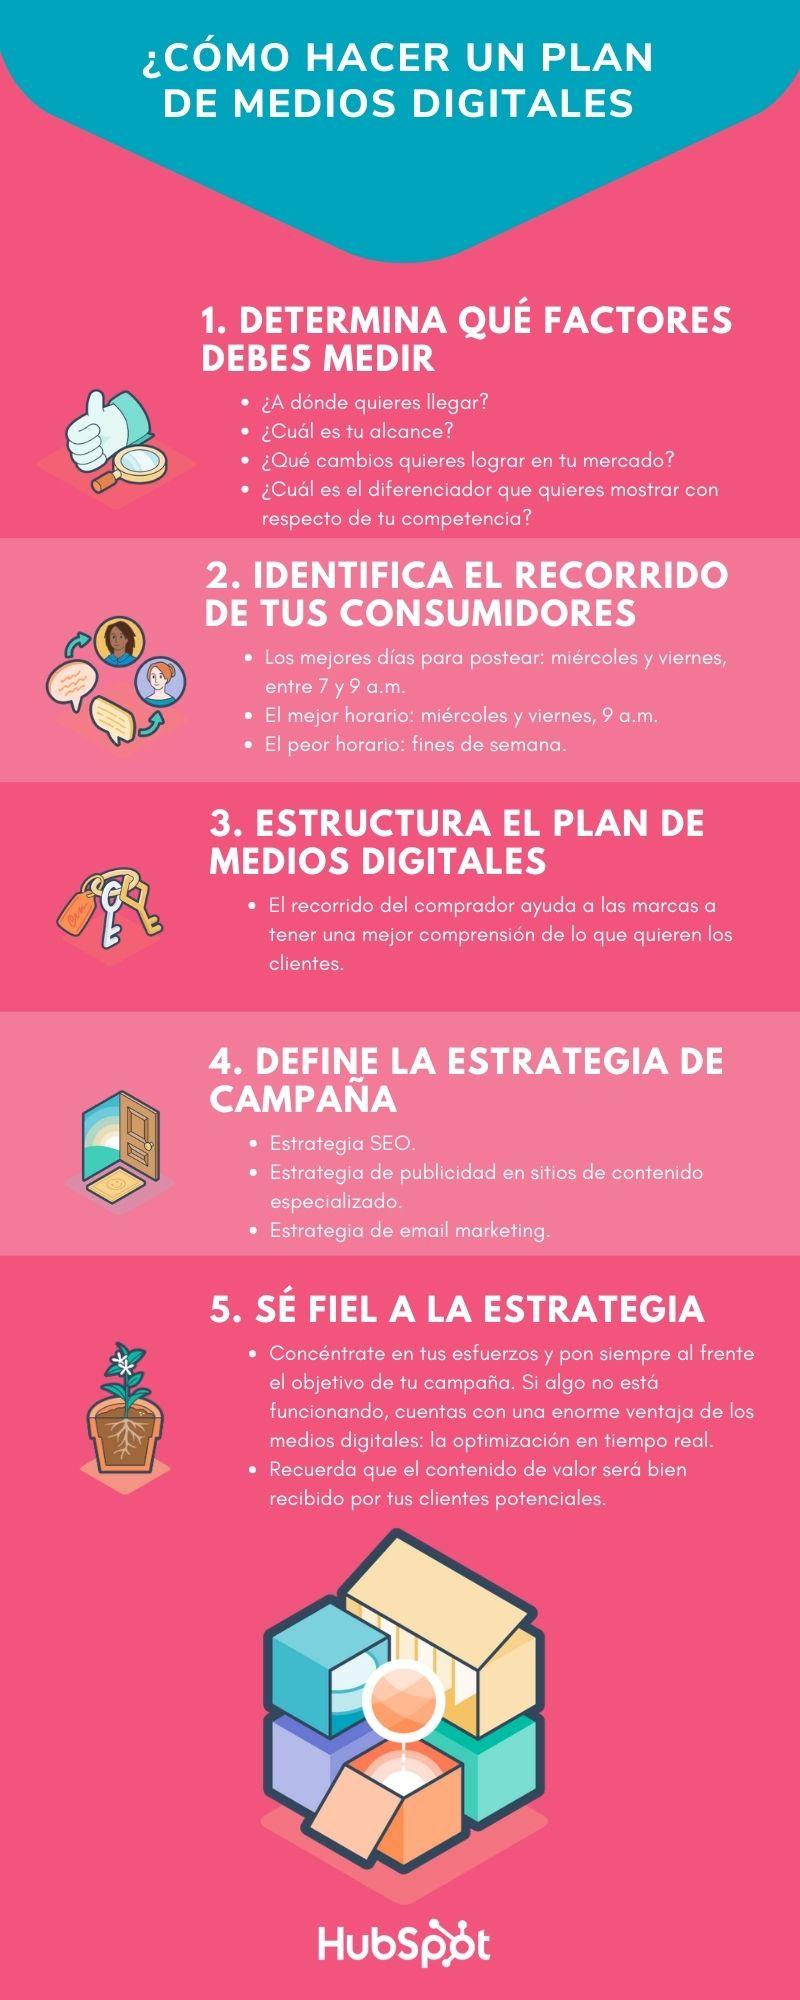 Cómo hacer un plan de medios digitales